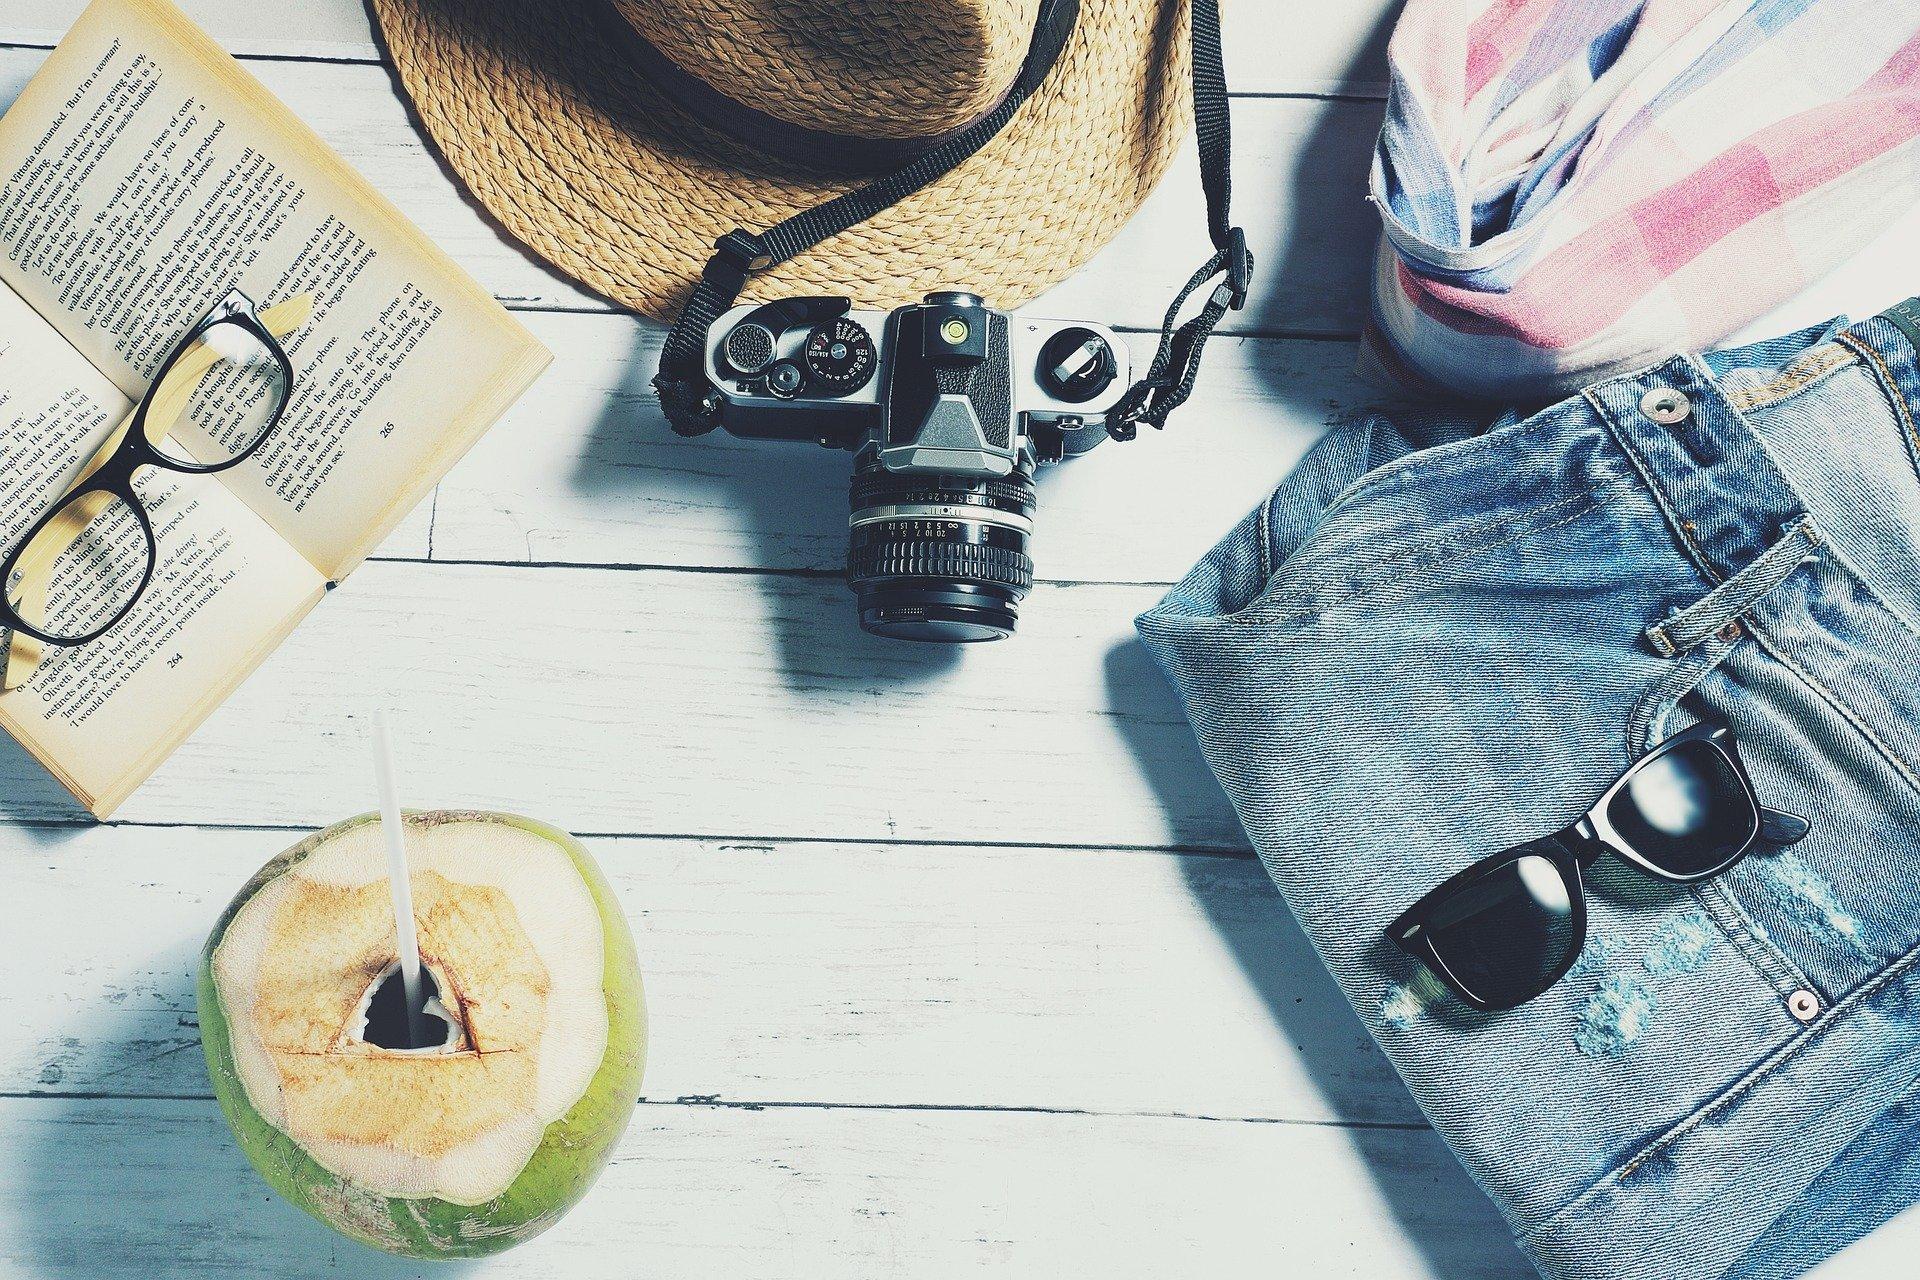 oplevelser, ferie, oplevelser, kamera, solbriller